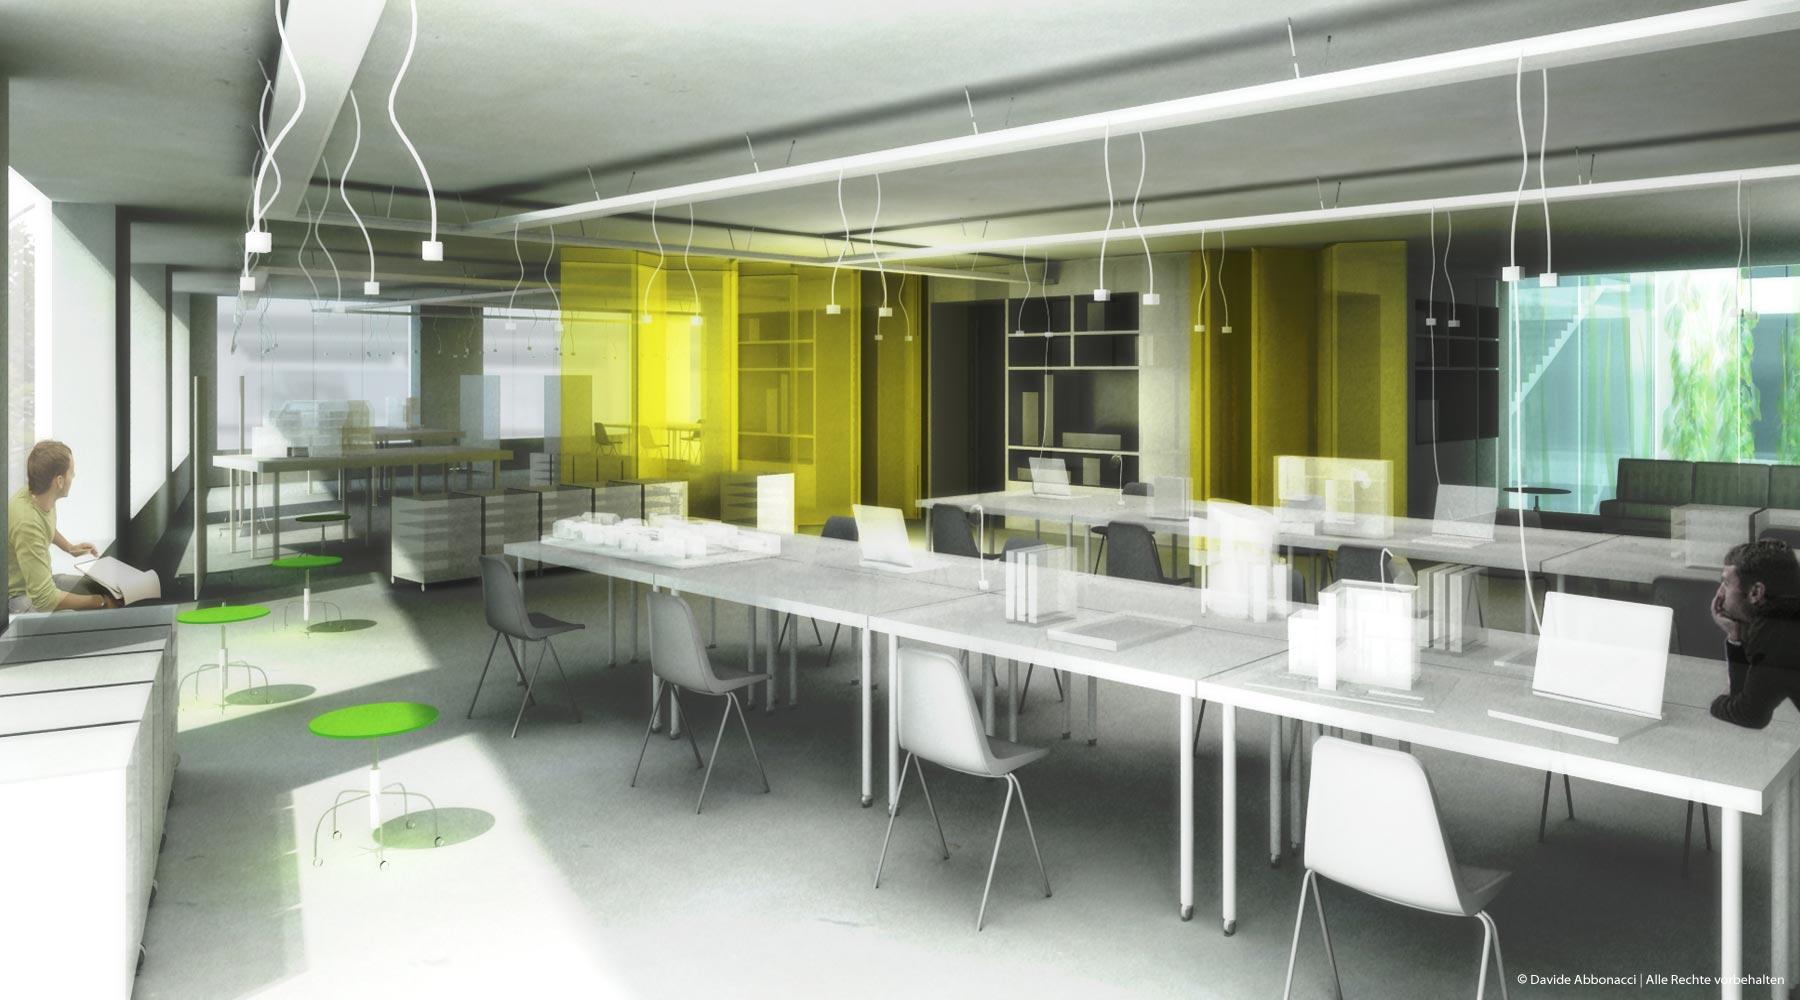 Ecole d`Architecture, Straßburg | LIN Architects Urbanists | 2007 Wettbewerbsvisualisierung